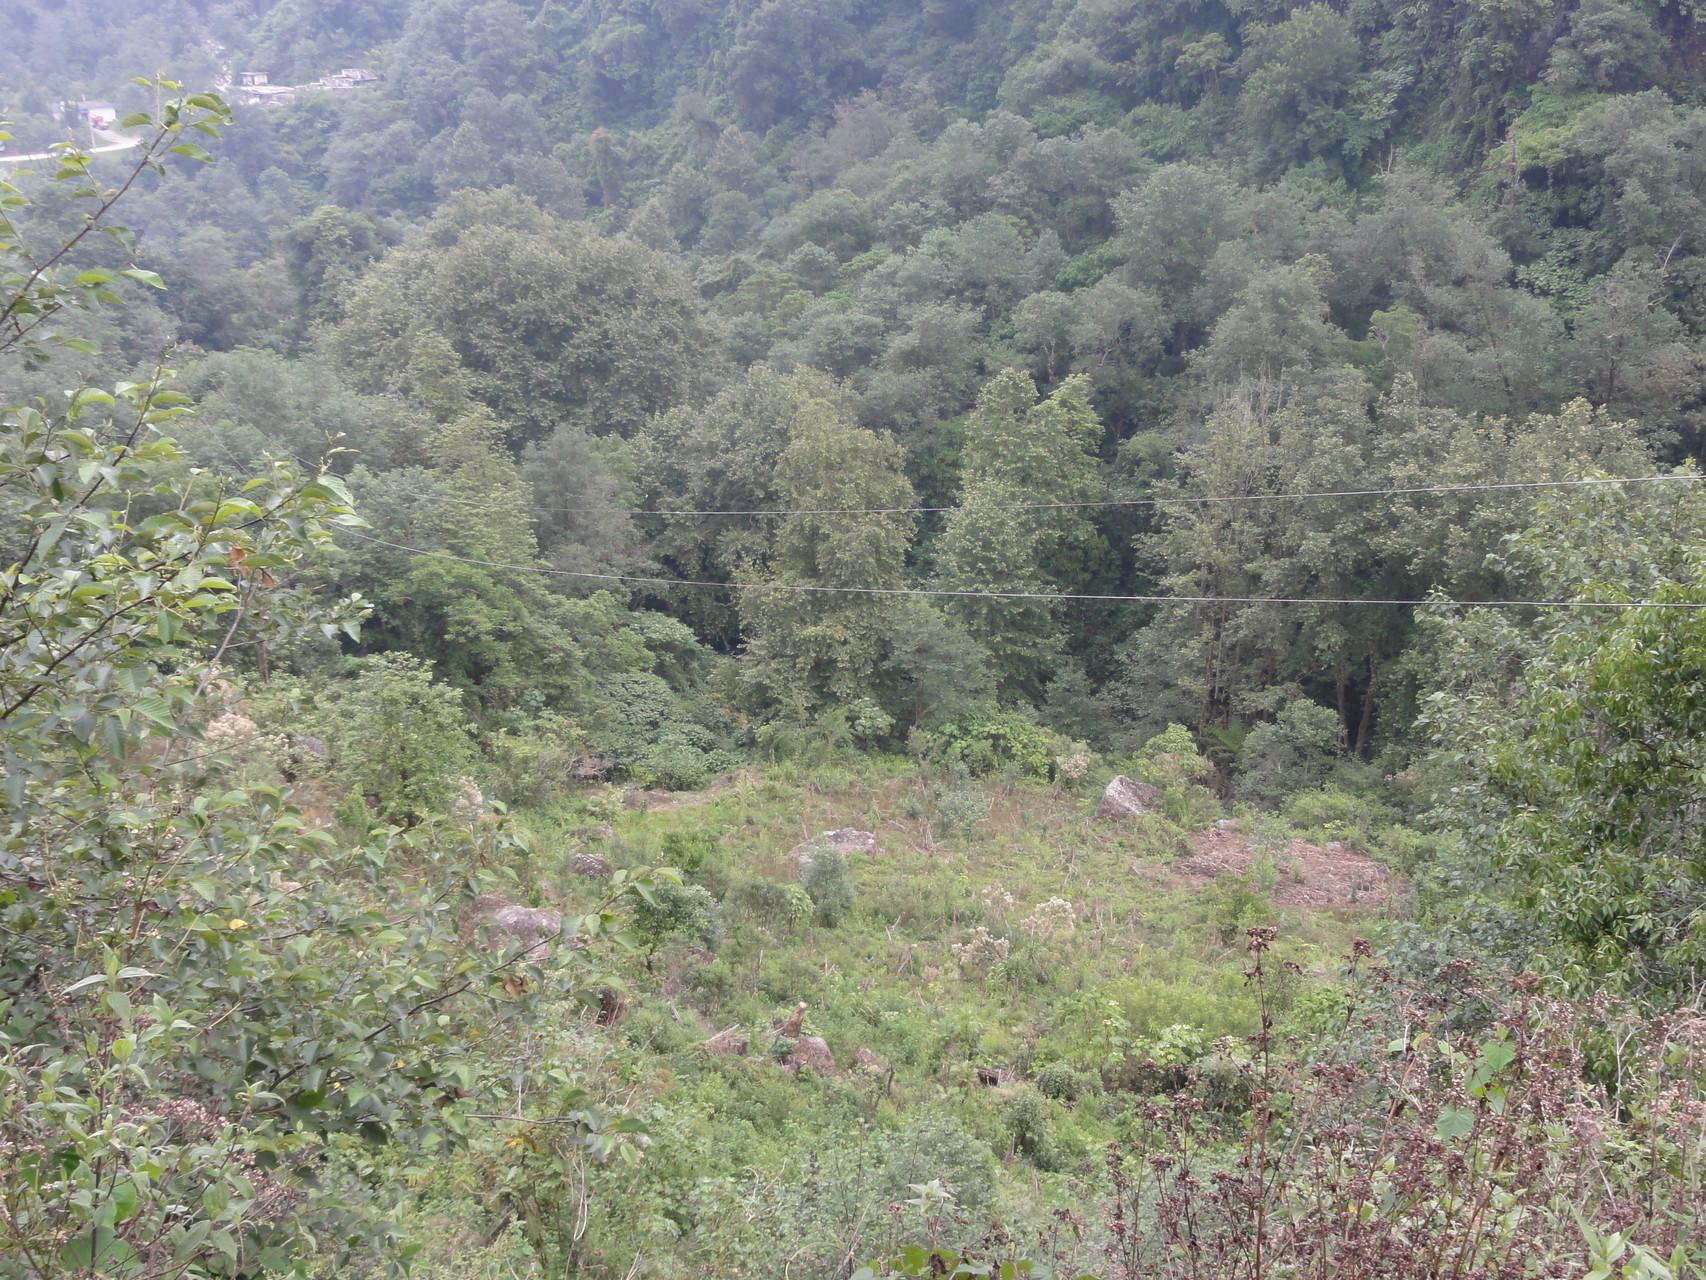 estamos en trámites de convertir la zona en reserva natural para proteger plantas y árboles, estudiarlos y aprender de ellos...